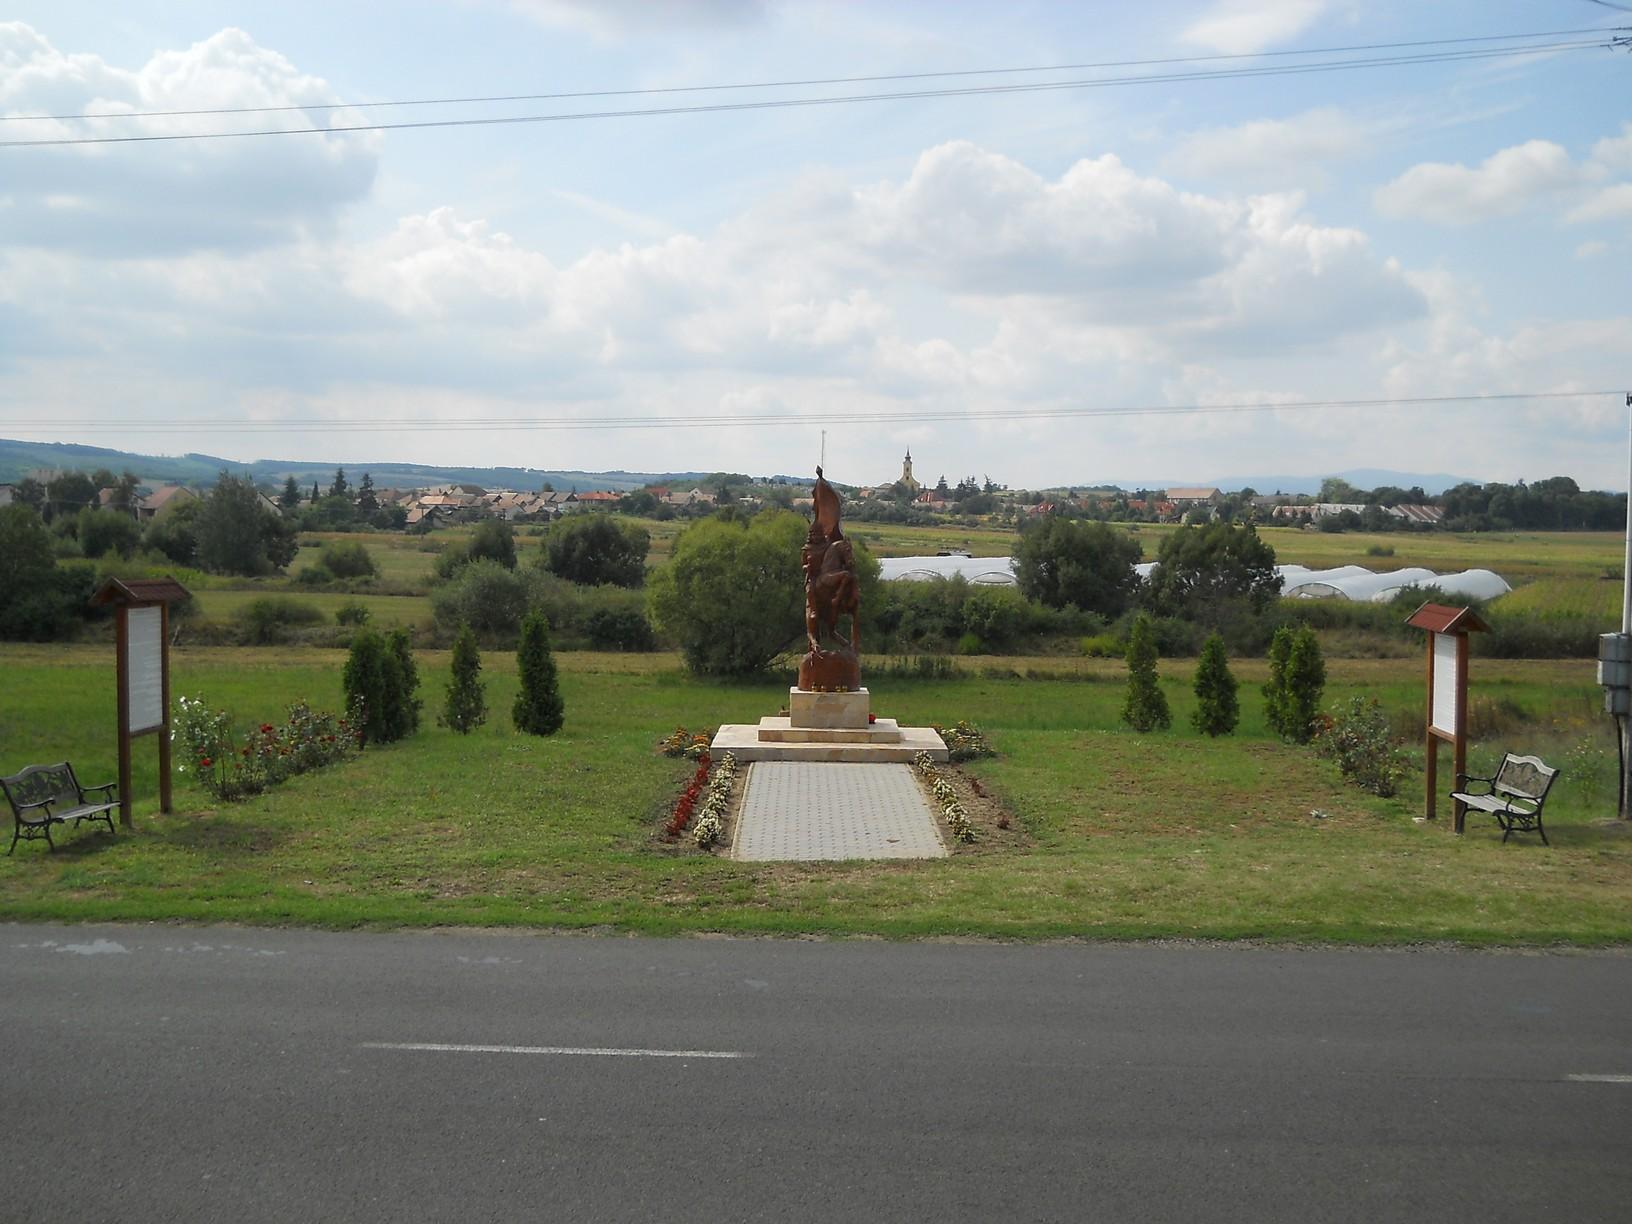 Rákóczi fejedelem lovas szobra a Romhány határában kialakított emlékhelyen